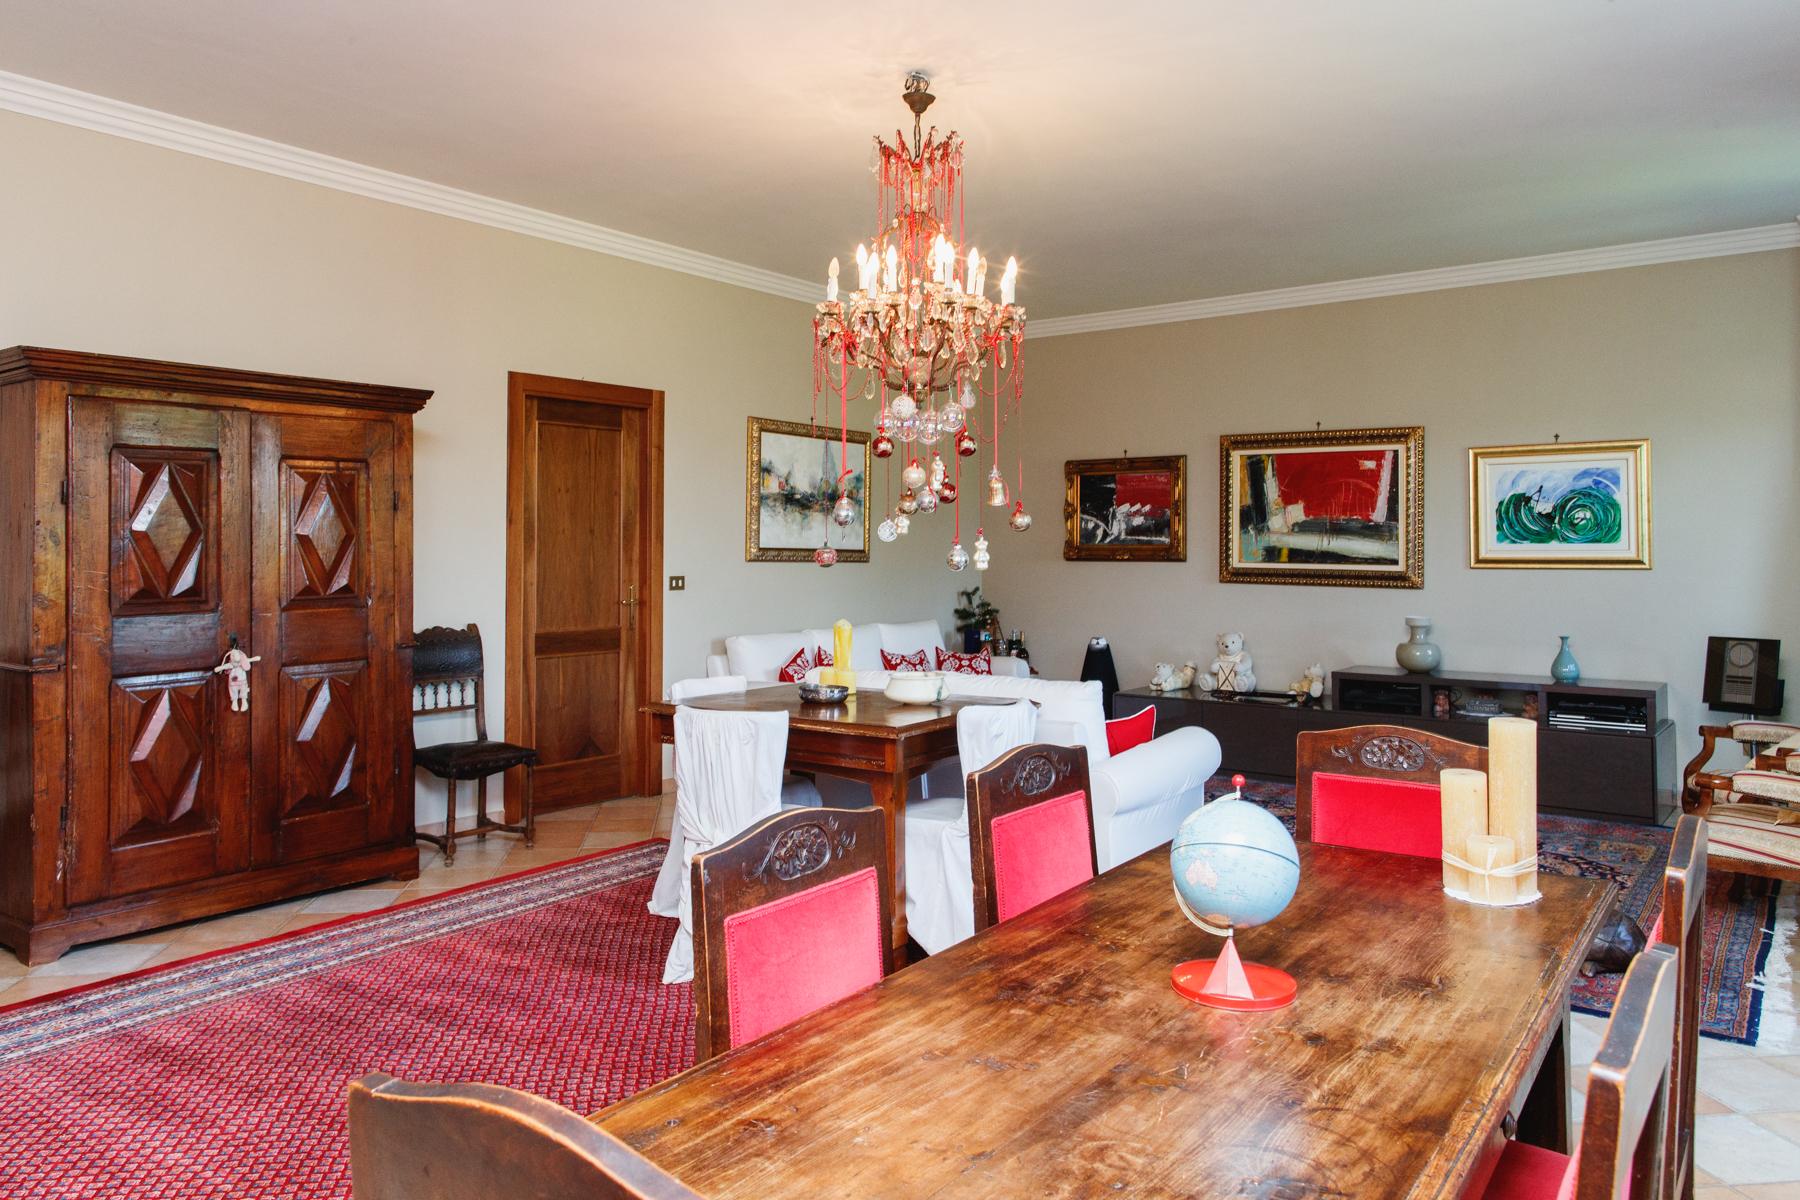 Casa indipendente di lusso in vendita a moncalieri strada for Vendita case lusso